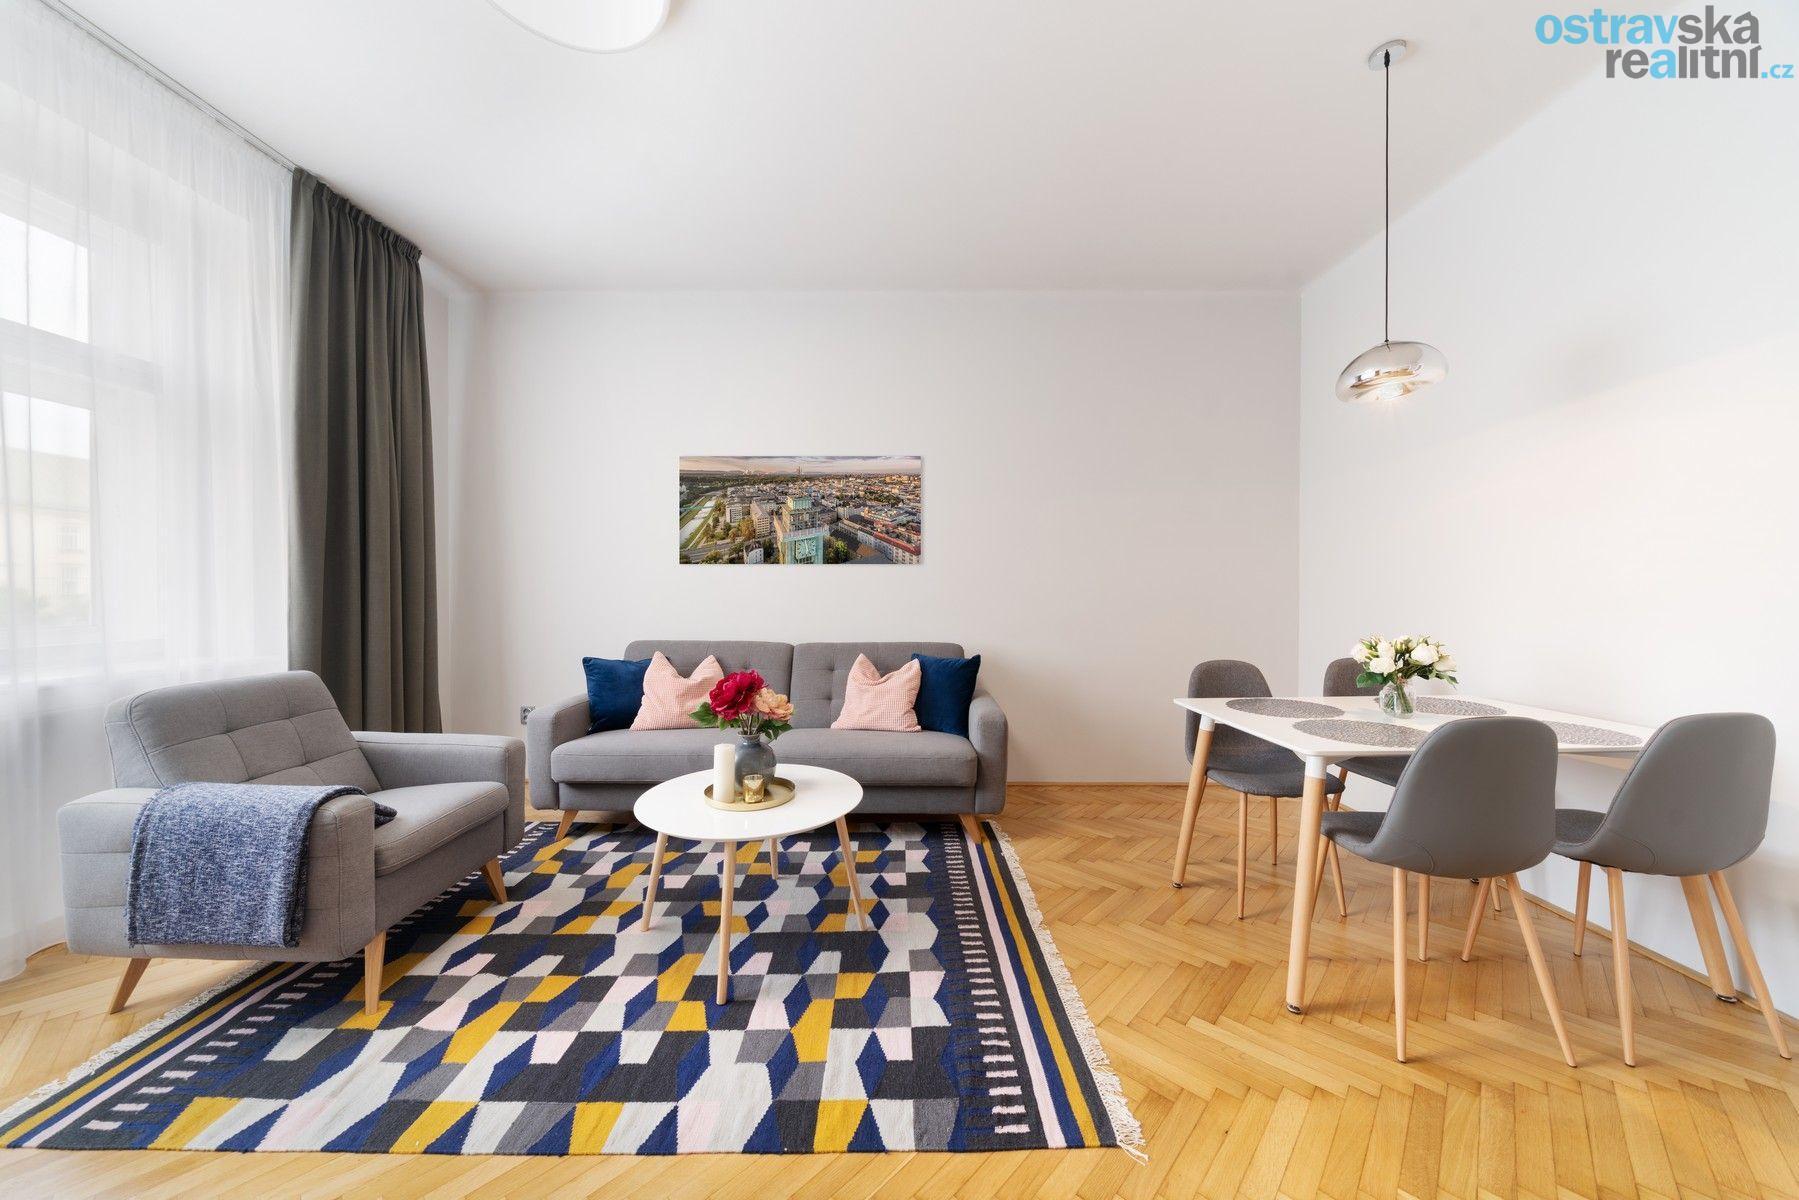 Pronájem, cihlový byt 2+1, Ostrava - centrum, Prokešovo náměstí, 88 m2, balkón